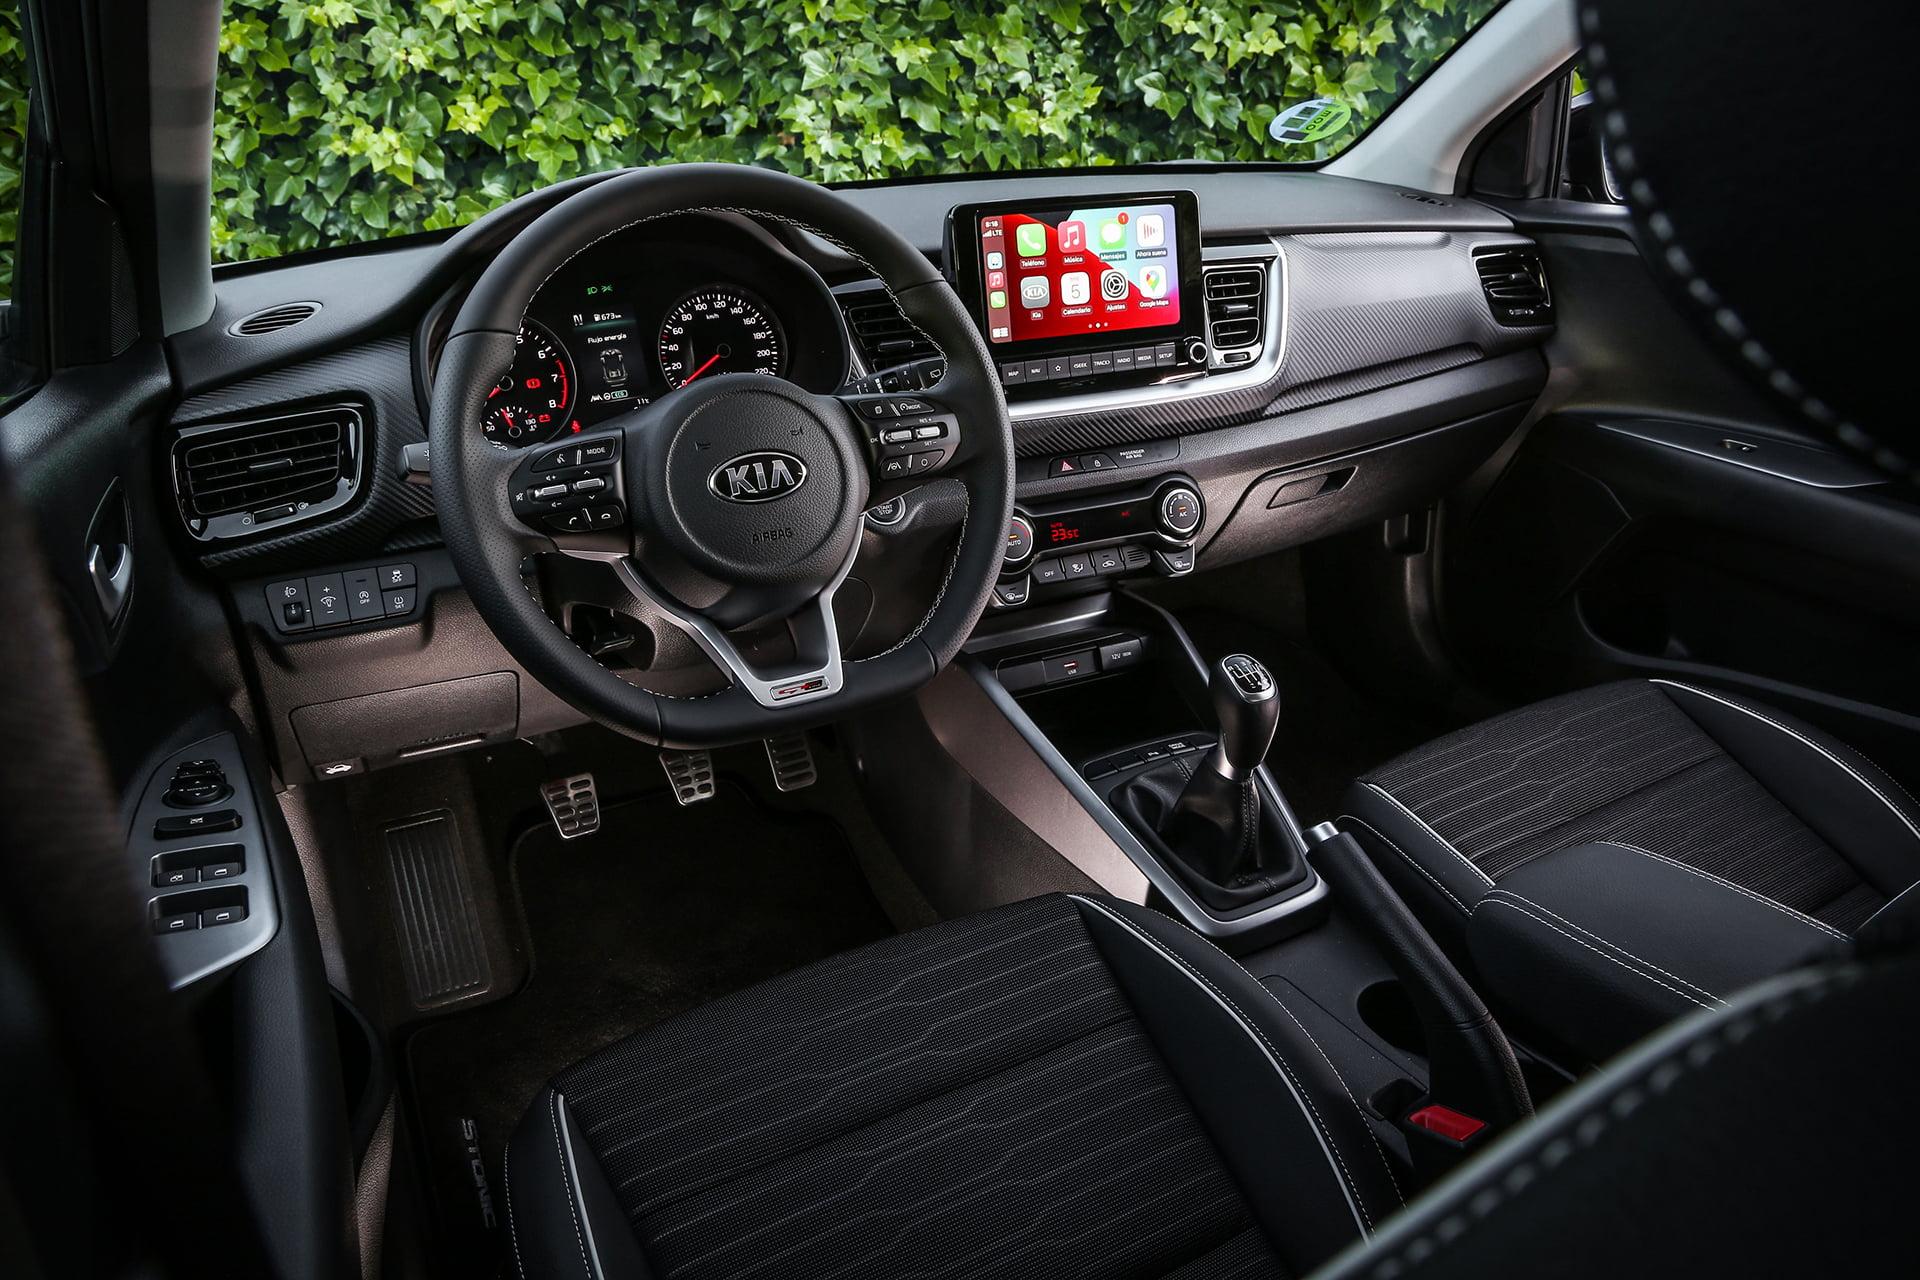 El interior del Kia Stonic es muy amplio y equipado.